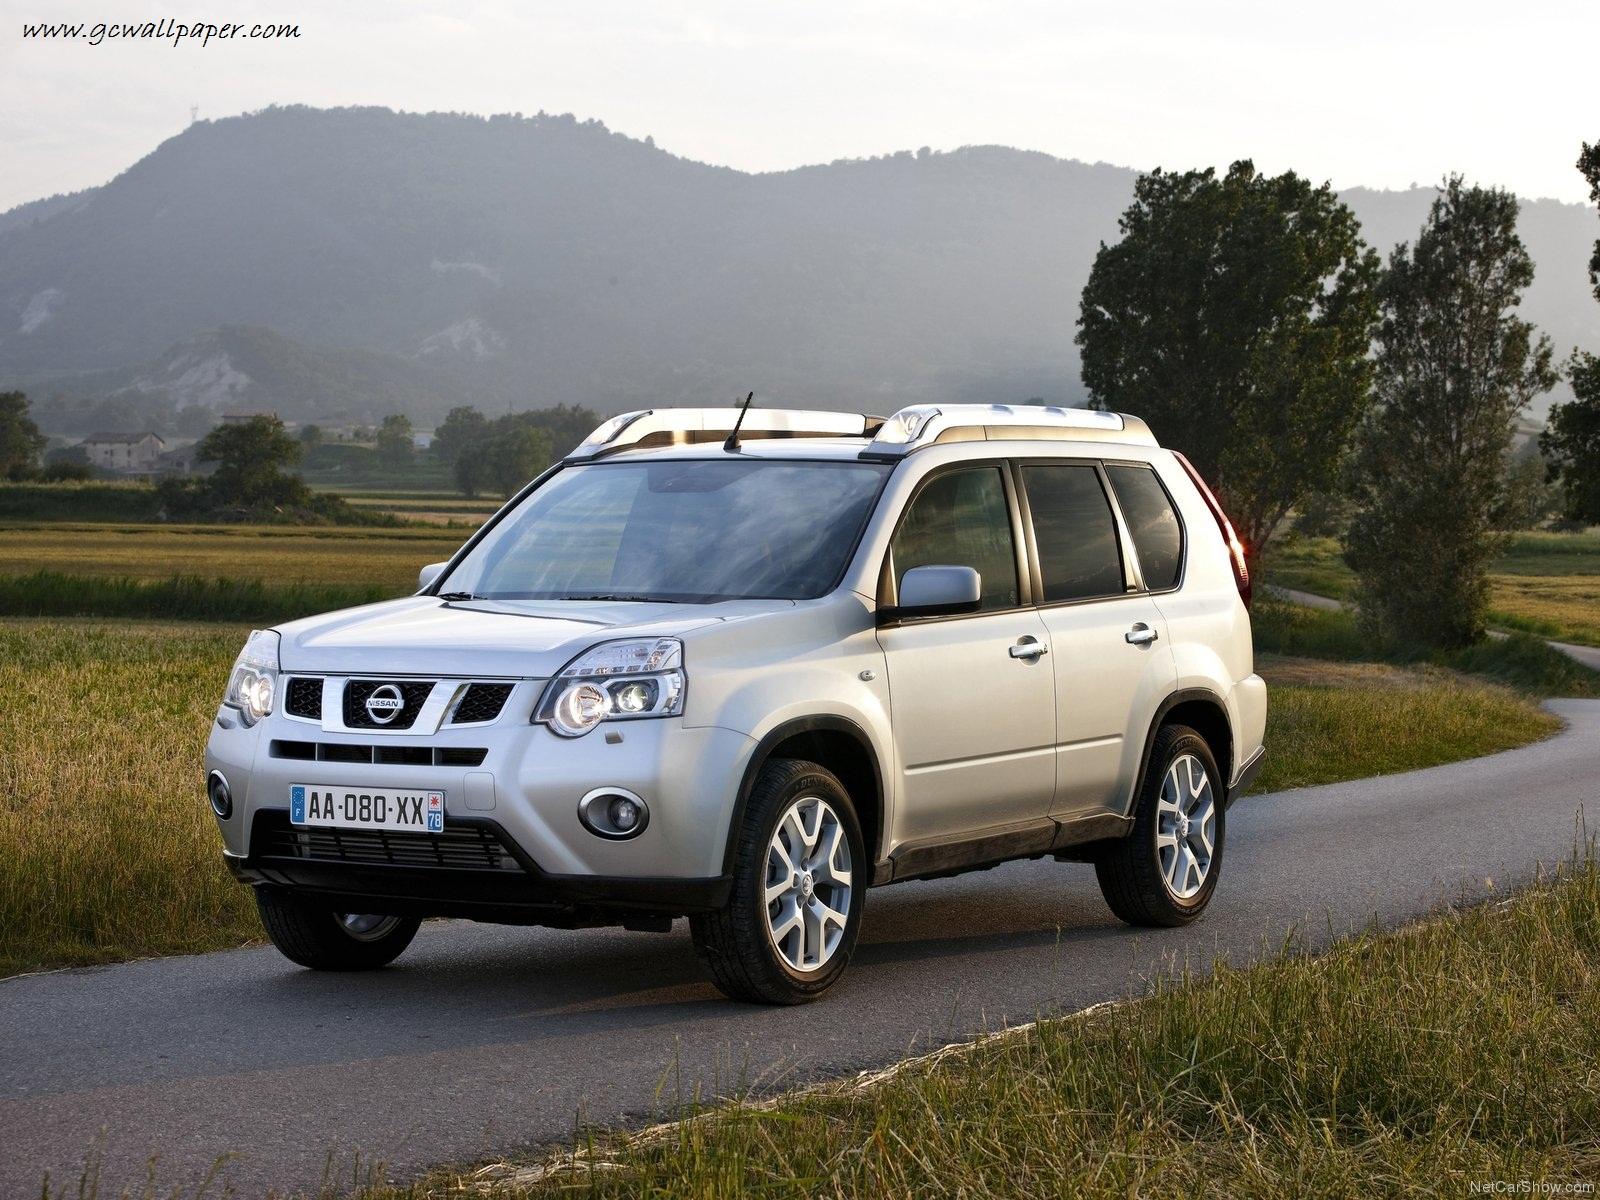 http://3.bp.blogspot.com/_1-qgKwF3xDI/TITLR73BFhI/AAAAAAAABOk/4I50MsbZrpU/s1600/Nissan+X-Trail+07.jpg